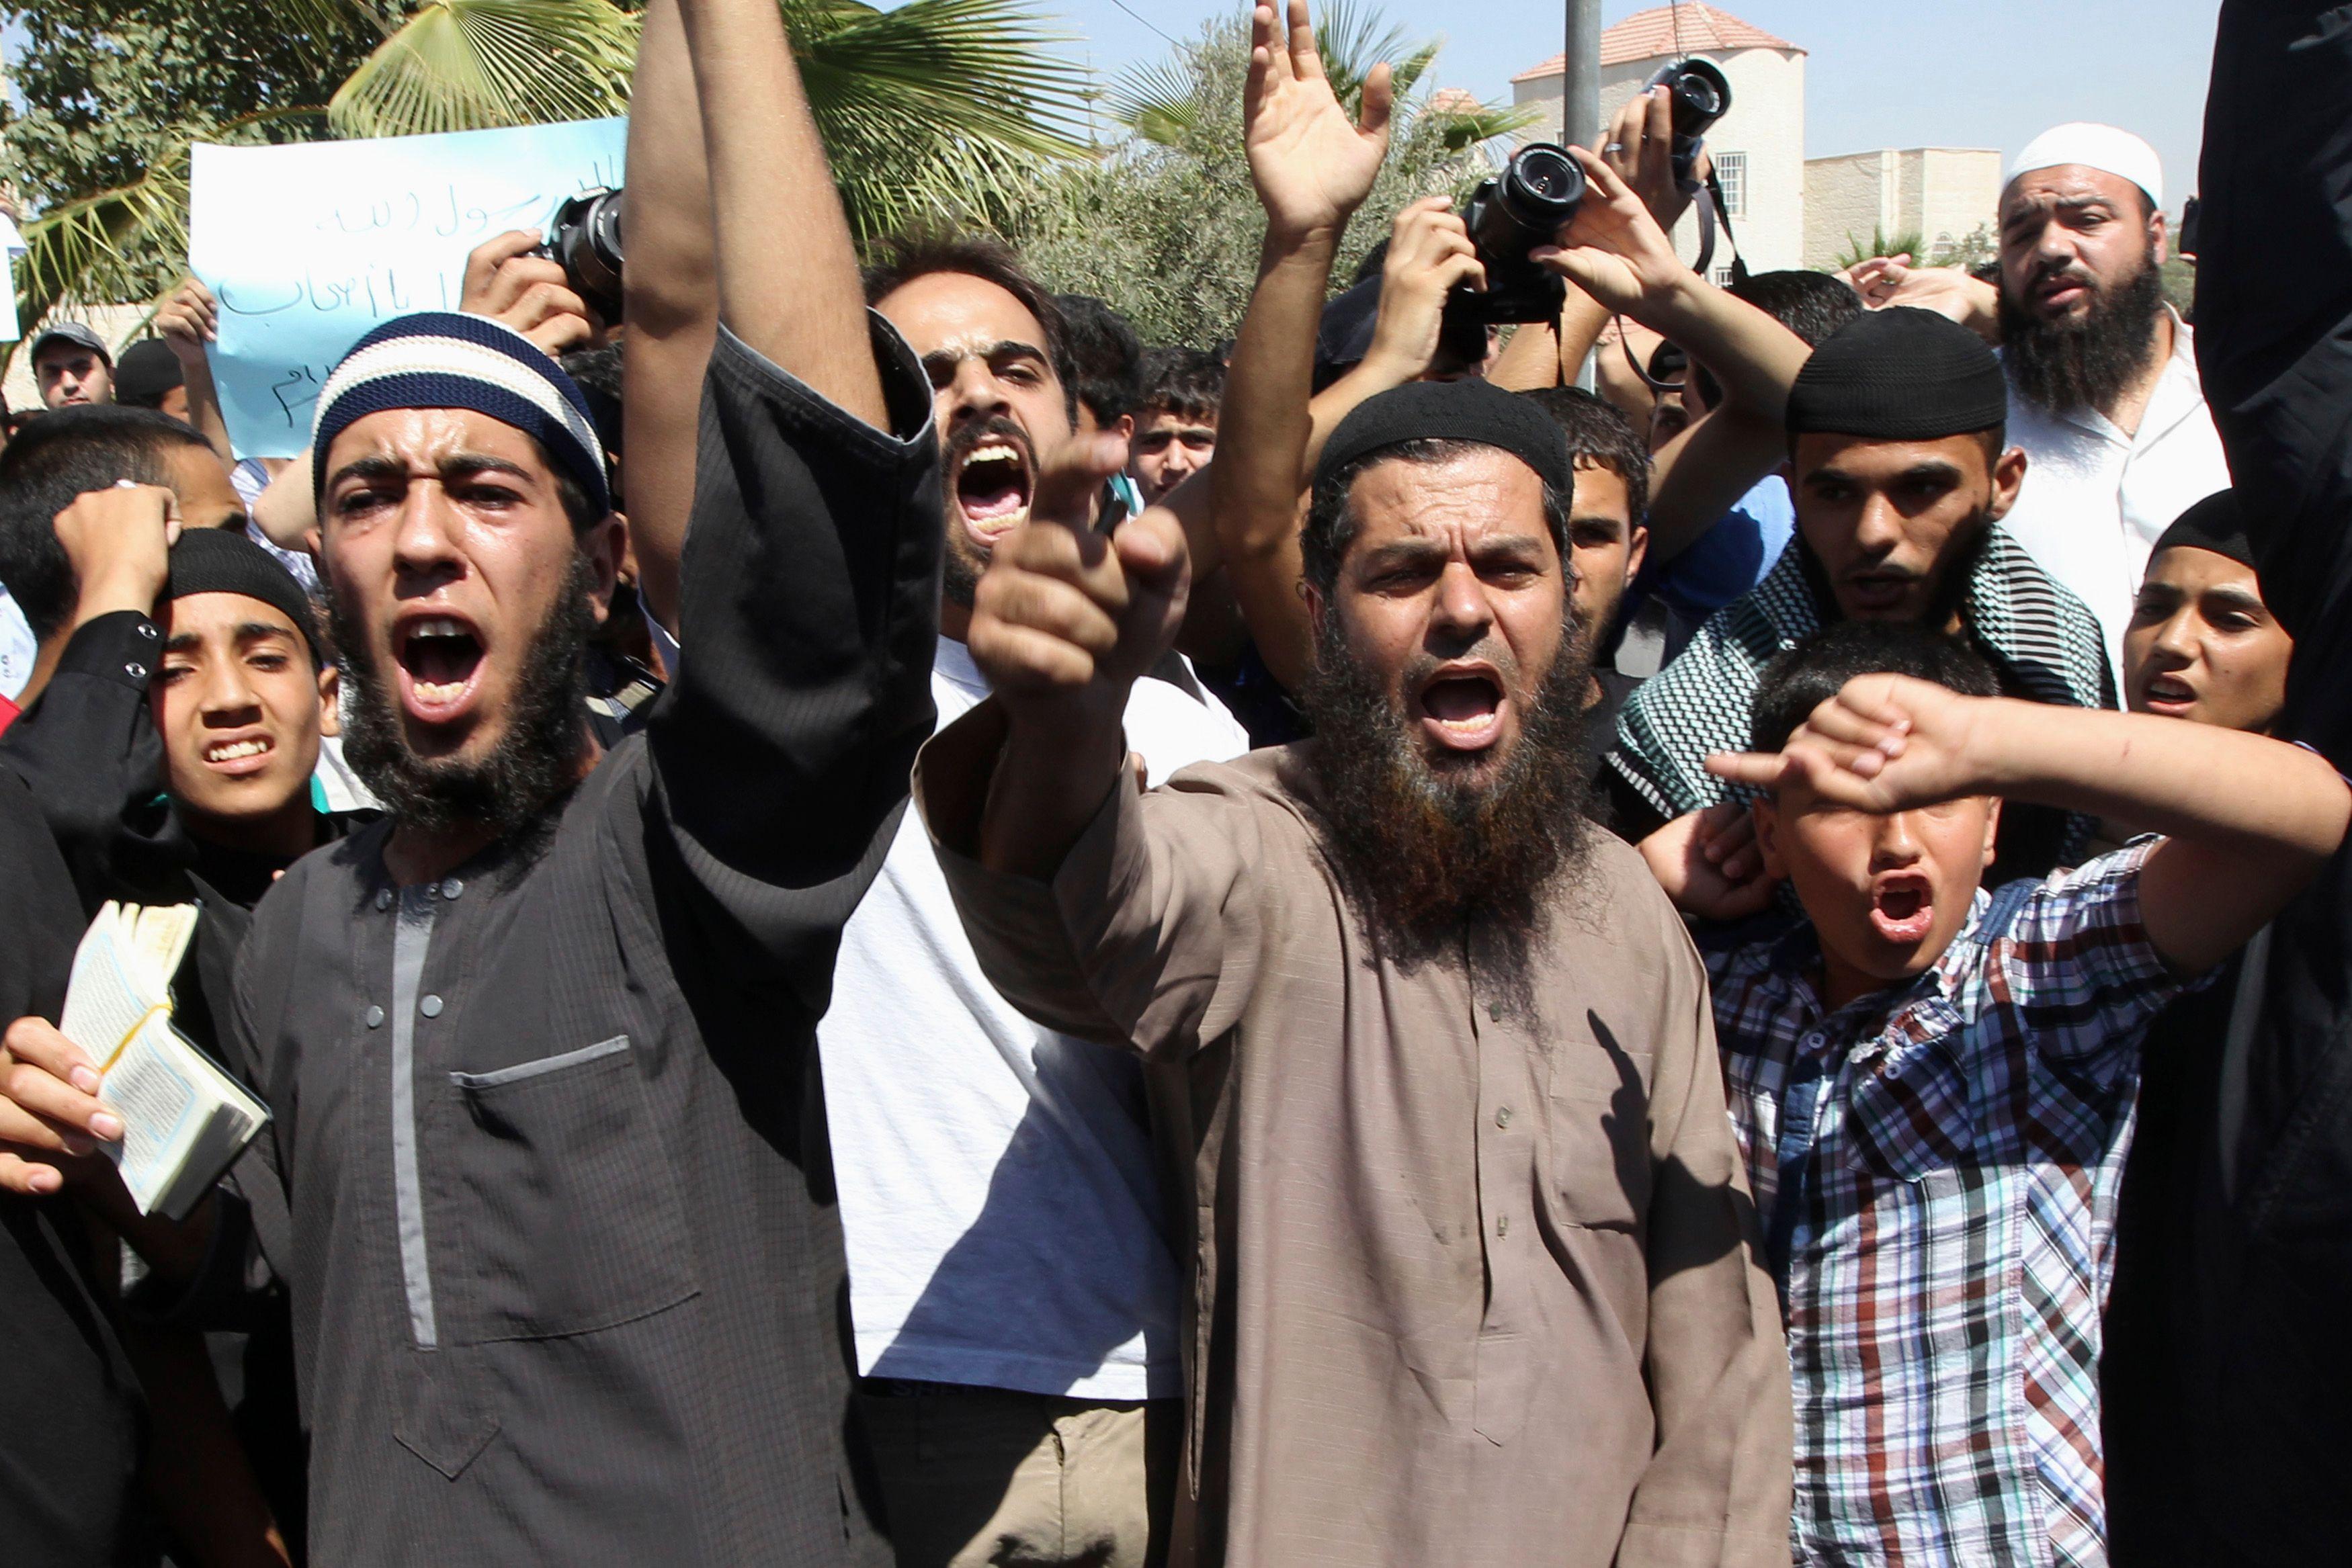 L'hydre islamiste ne sera pas combattue efficacement sans combattre aussi l'auto-censure des débats publics